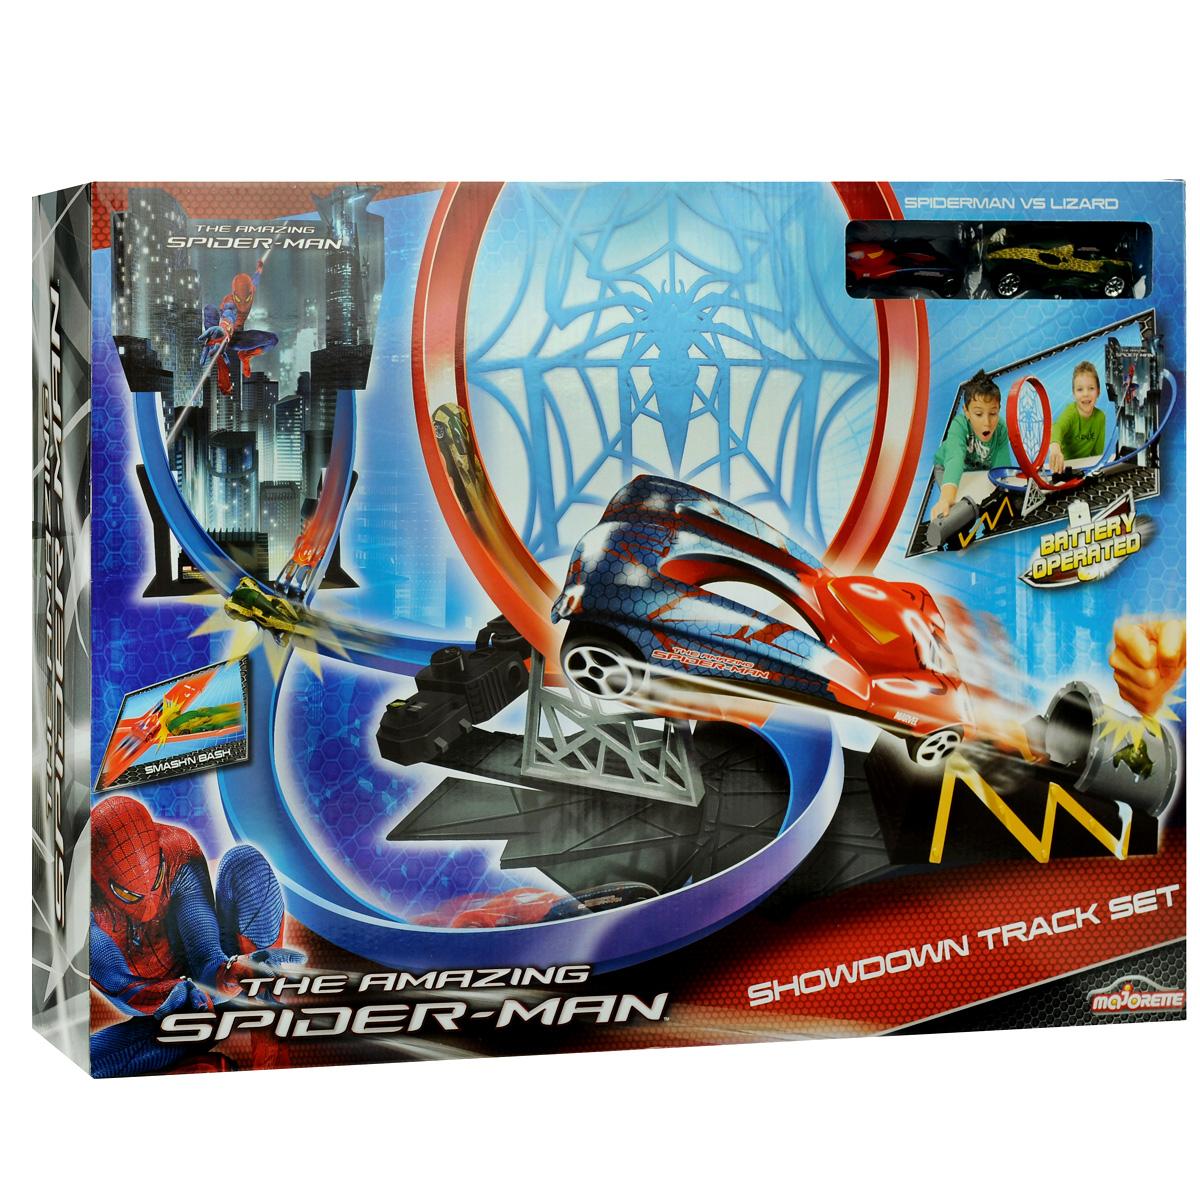 Majorette ���� Spider-Man vs Lizard, � 2 ��������� - Majorette3089718���� Majorette Spider-Man vs Lizard ������ ���������� ��� ��������� �������� � ������������ ����� ����� ��������-����� � �����. ���� �������� �������� ������������� ������������� � ��������� ��������, ��� �������� ������� ��������� � ��������� ����� � ����� ��������-�����. ��������� ������������ ��������� ���������� ������� � ������ �� ������� �������� �������� ��������, ����� �������� ������� ����� � ���������� ���� �������� �� ������ ������. � ����� ����� ������ ��� ������� � ����������� ����������, ������� ������� ������� ���� ��������� � ������. ���� � ������ Majorette Spider-Man vs Lizard ������� ������������� �����������, �������������� �������� �������� � �������. ��� ������� ����� � �������� �� ������ �������! ���������� �������� 3 ��������� ����������� 1,5V ���� �� (�� ������ � ��������).